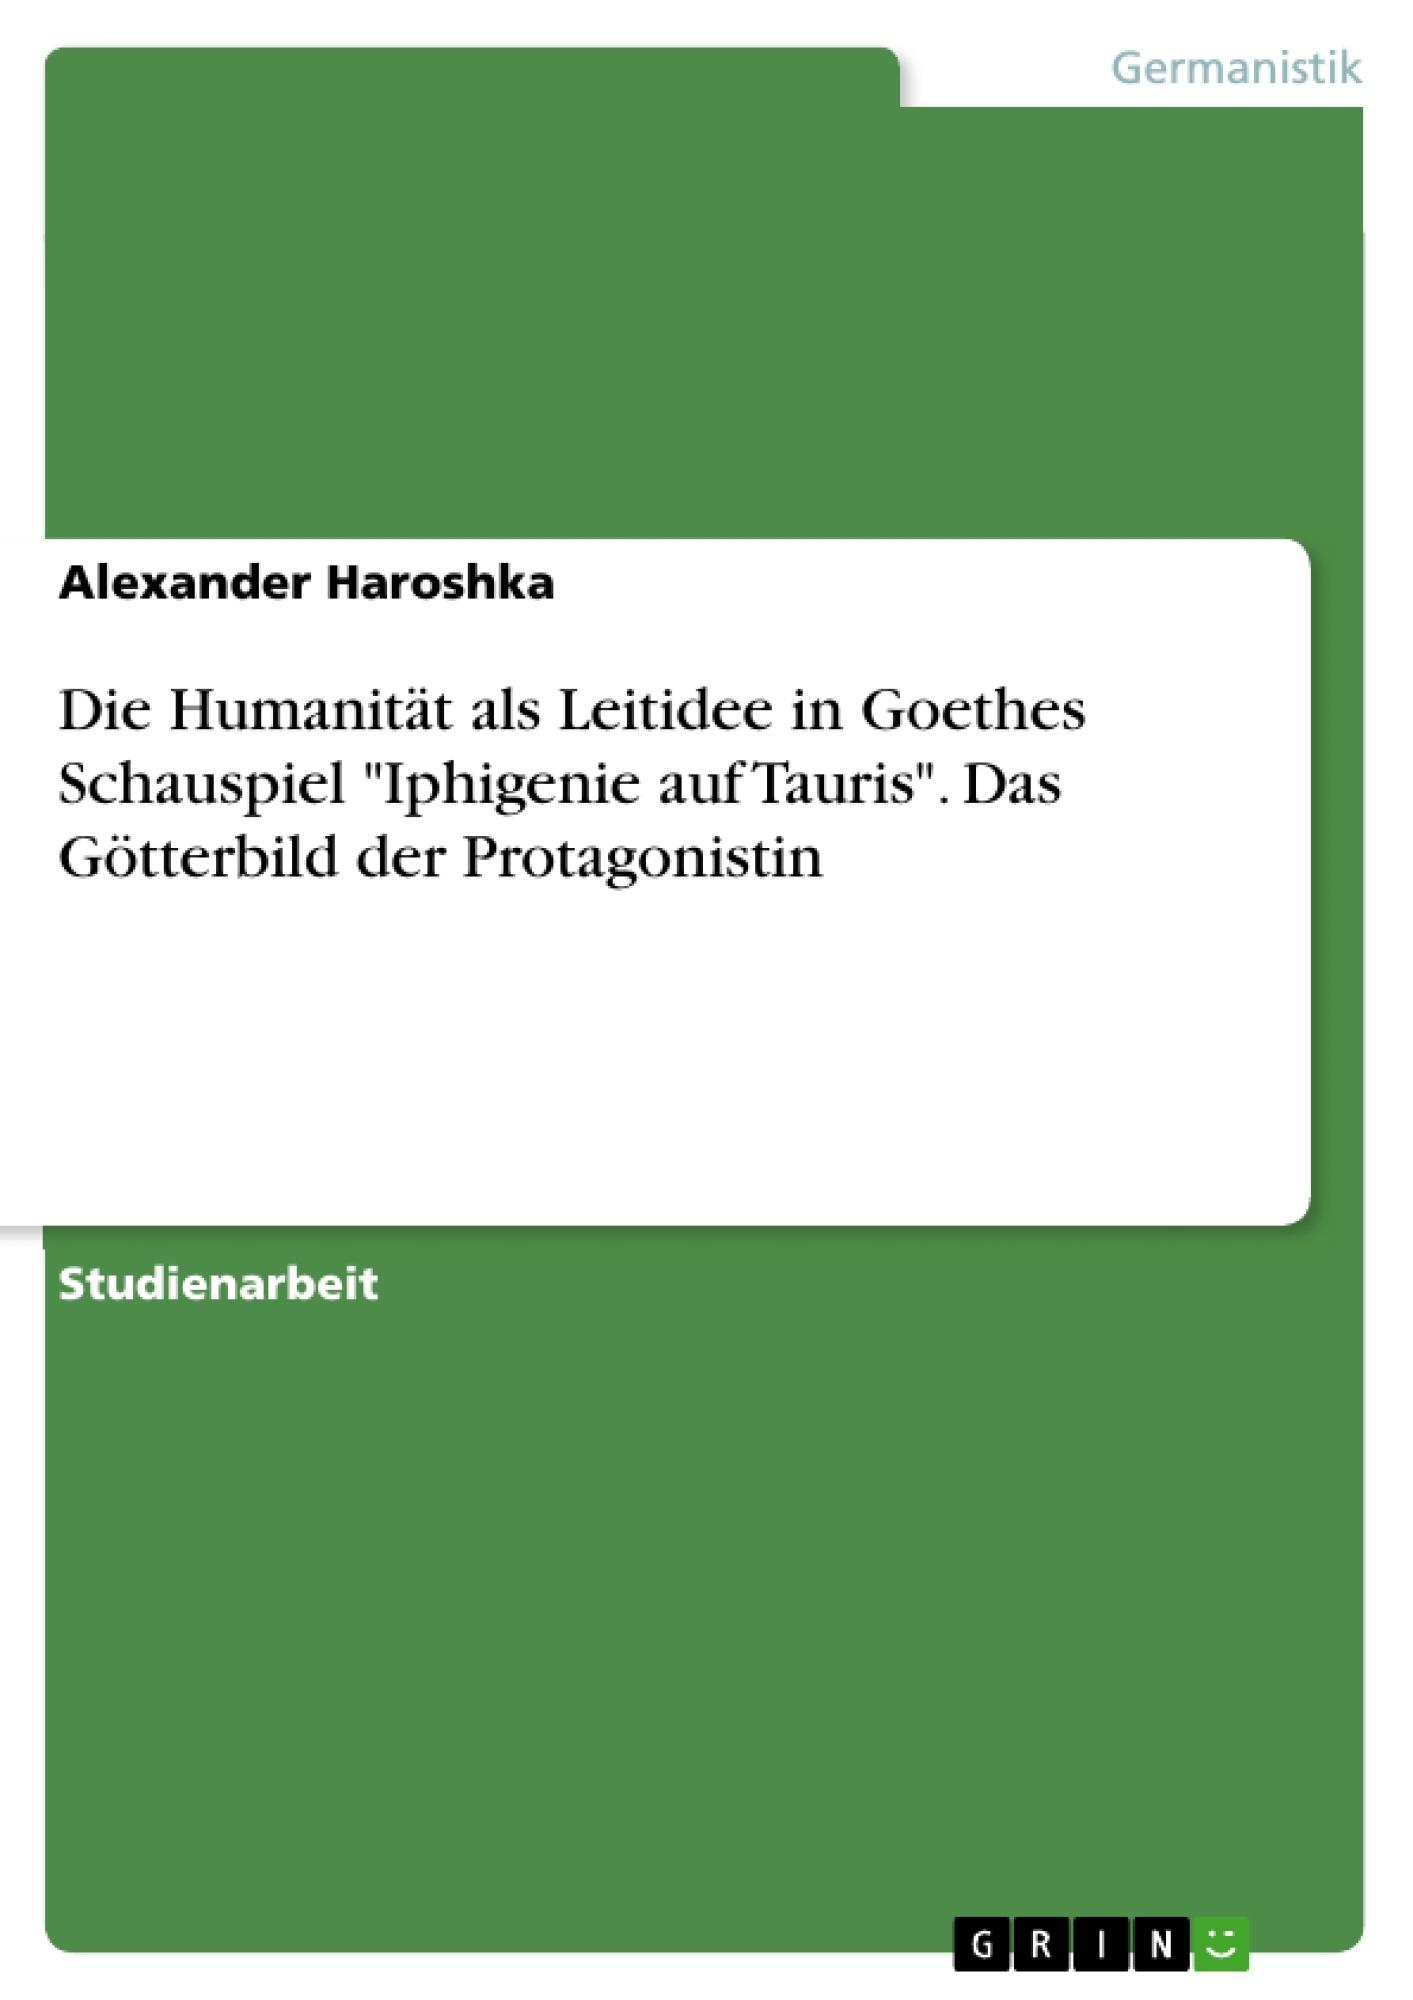 """Titel: Die Humanität als Leitidee in Goethes Schauspiel """"Iphigenie auf Tauris"""". Das Götterbild der Protagonistin"""